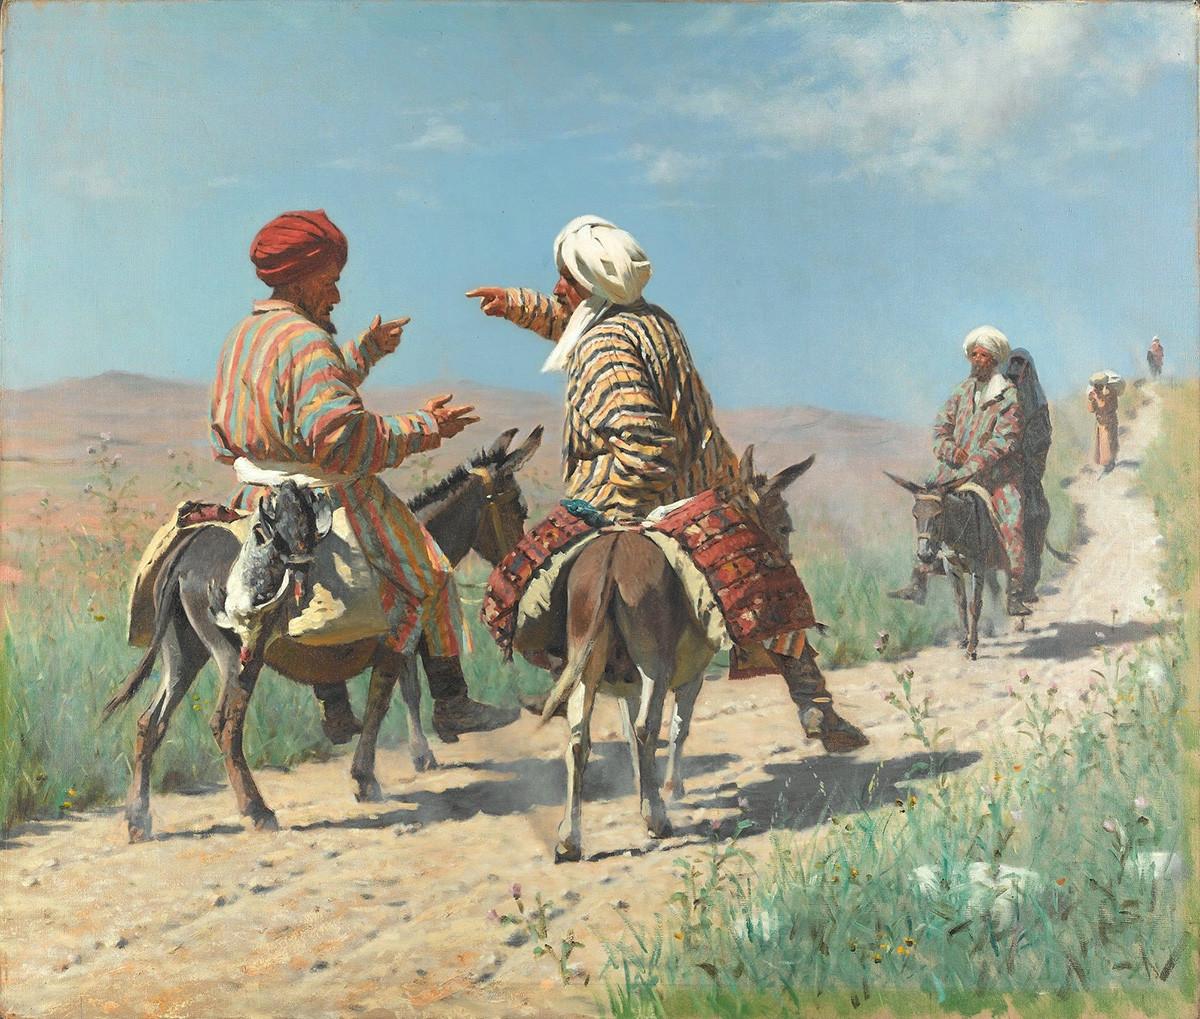 バザールへの道で喧嘩するムッラー・ラヒムとムッラー・ケリム、1873年